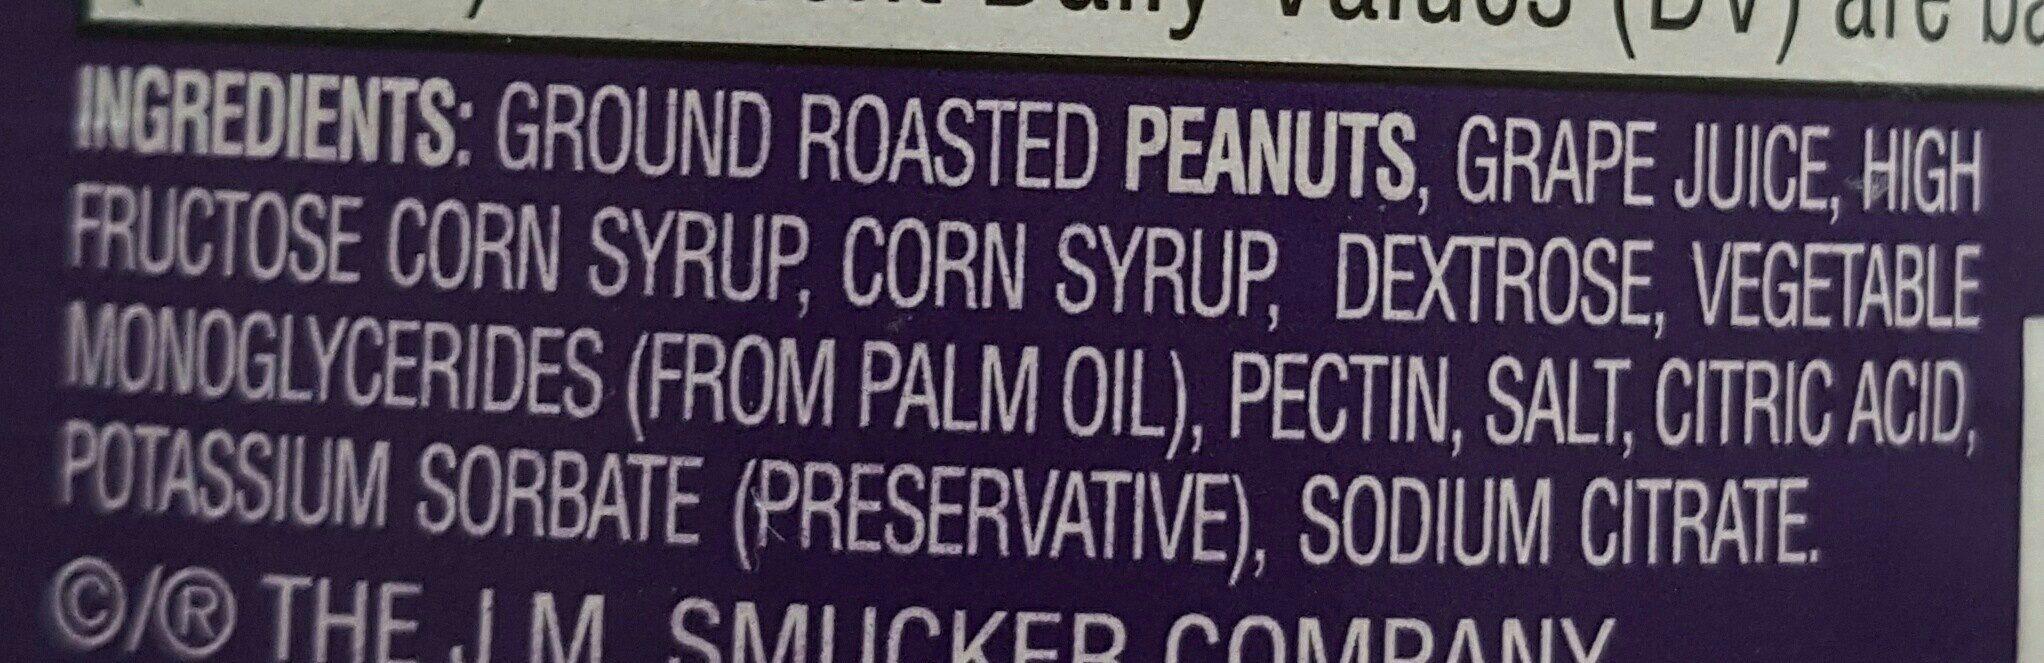 Goober grape jelly peanut butter stripes - Ingredients - en